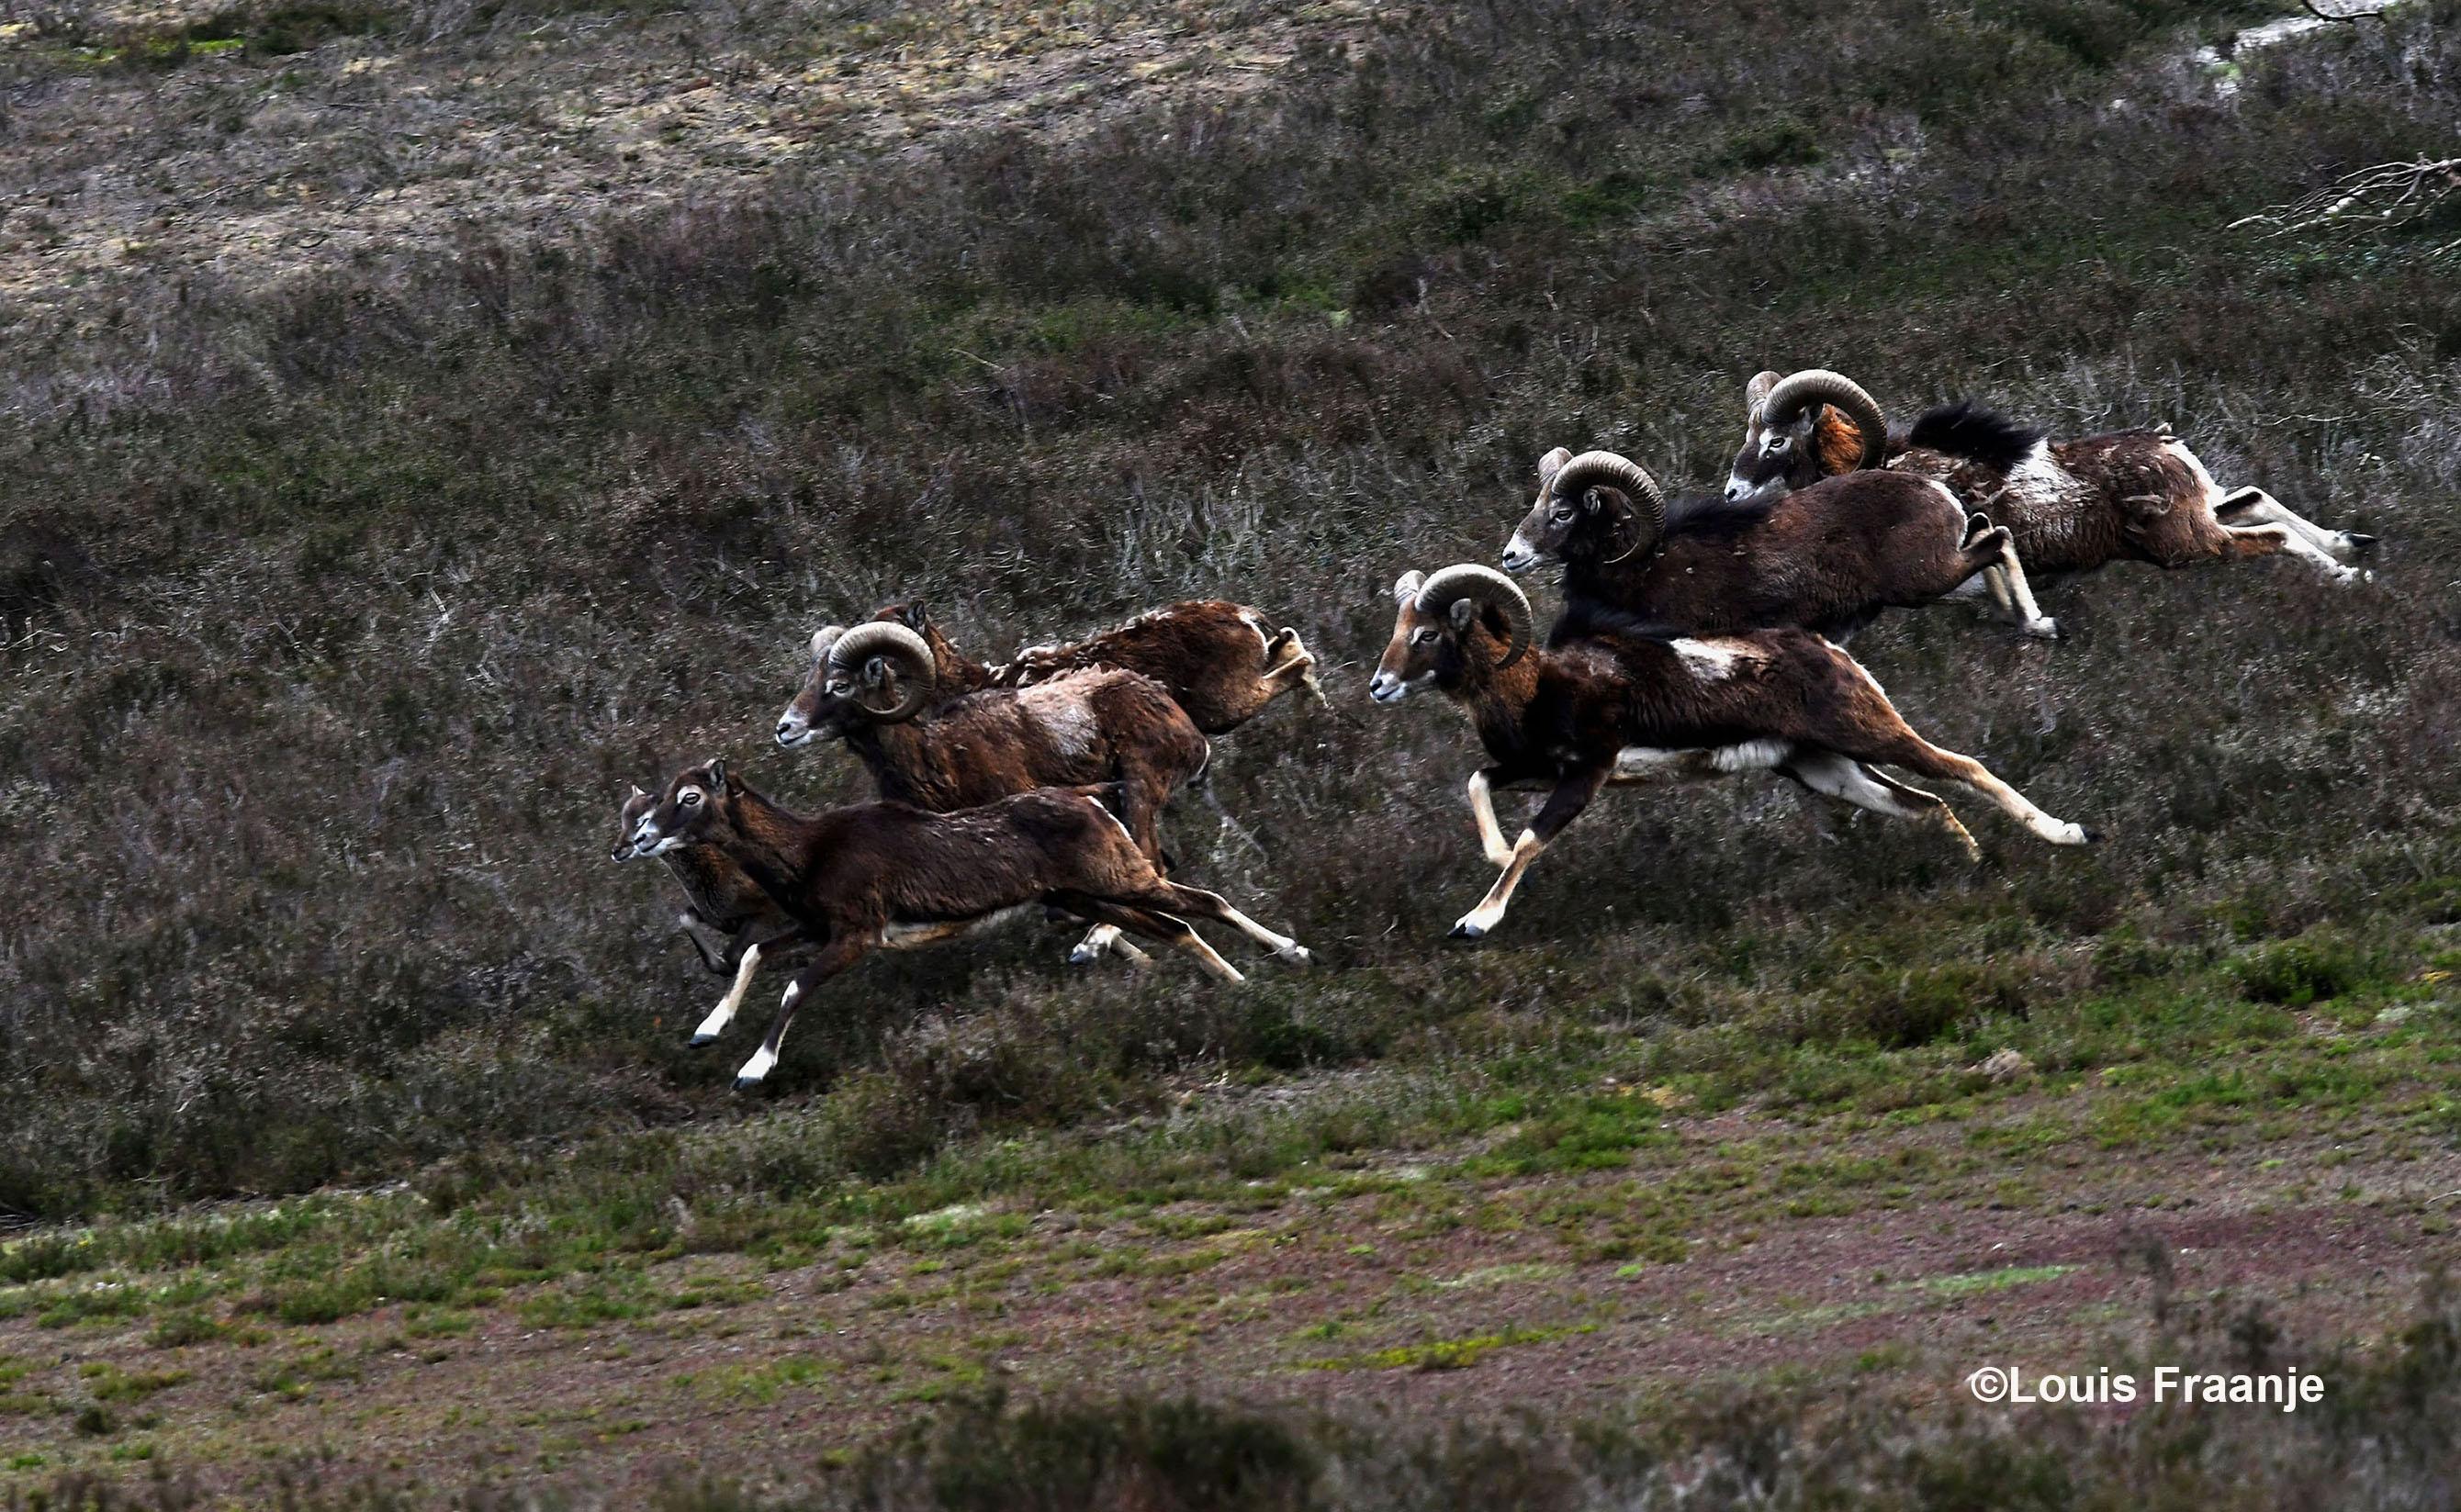 En dan opeens... komen er zomaar onverwachts een stelletje moeflons voor je langs rennen - Foto: ©Louis Fraanje